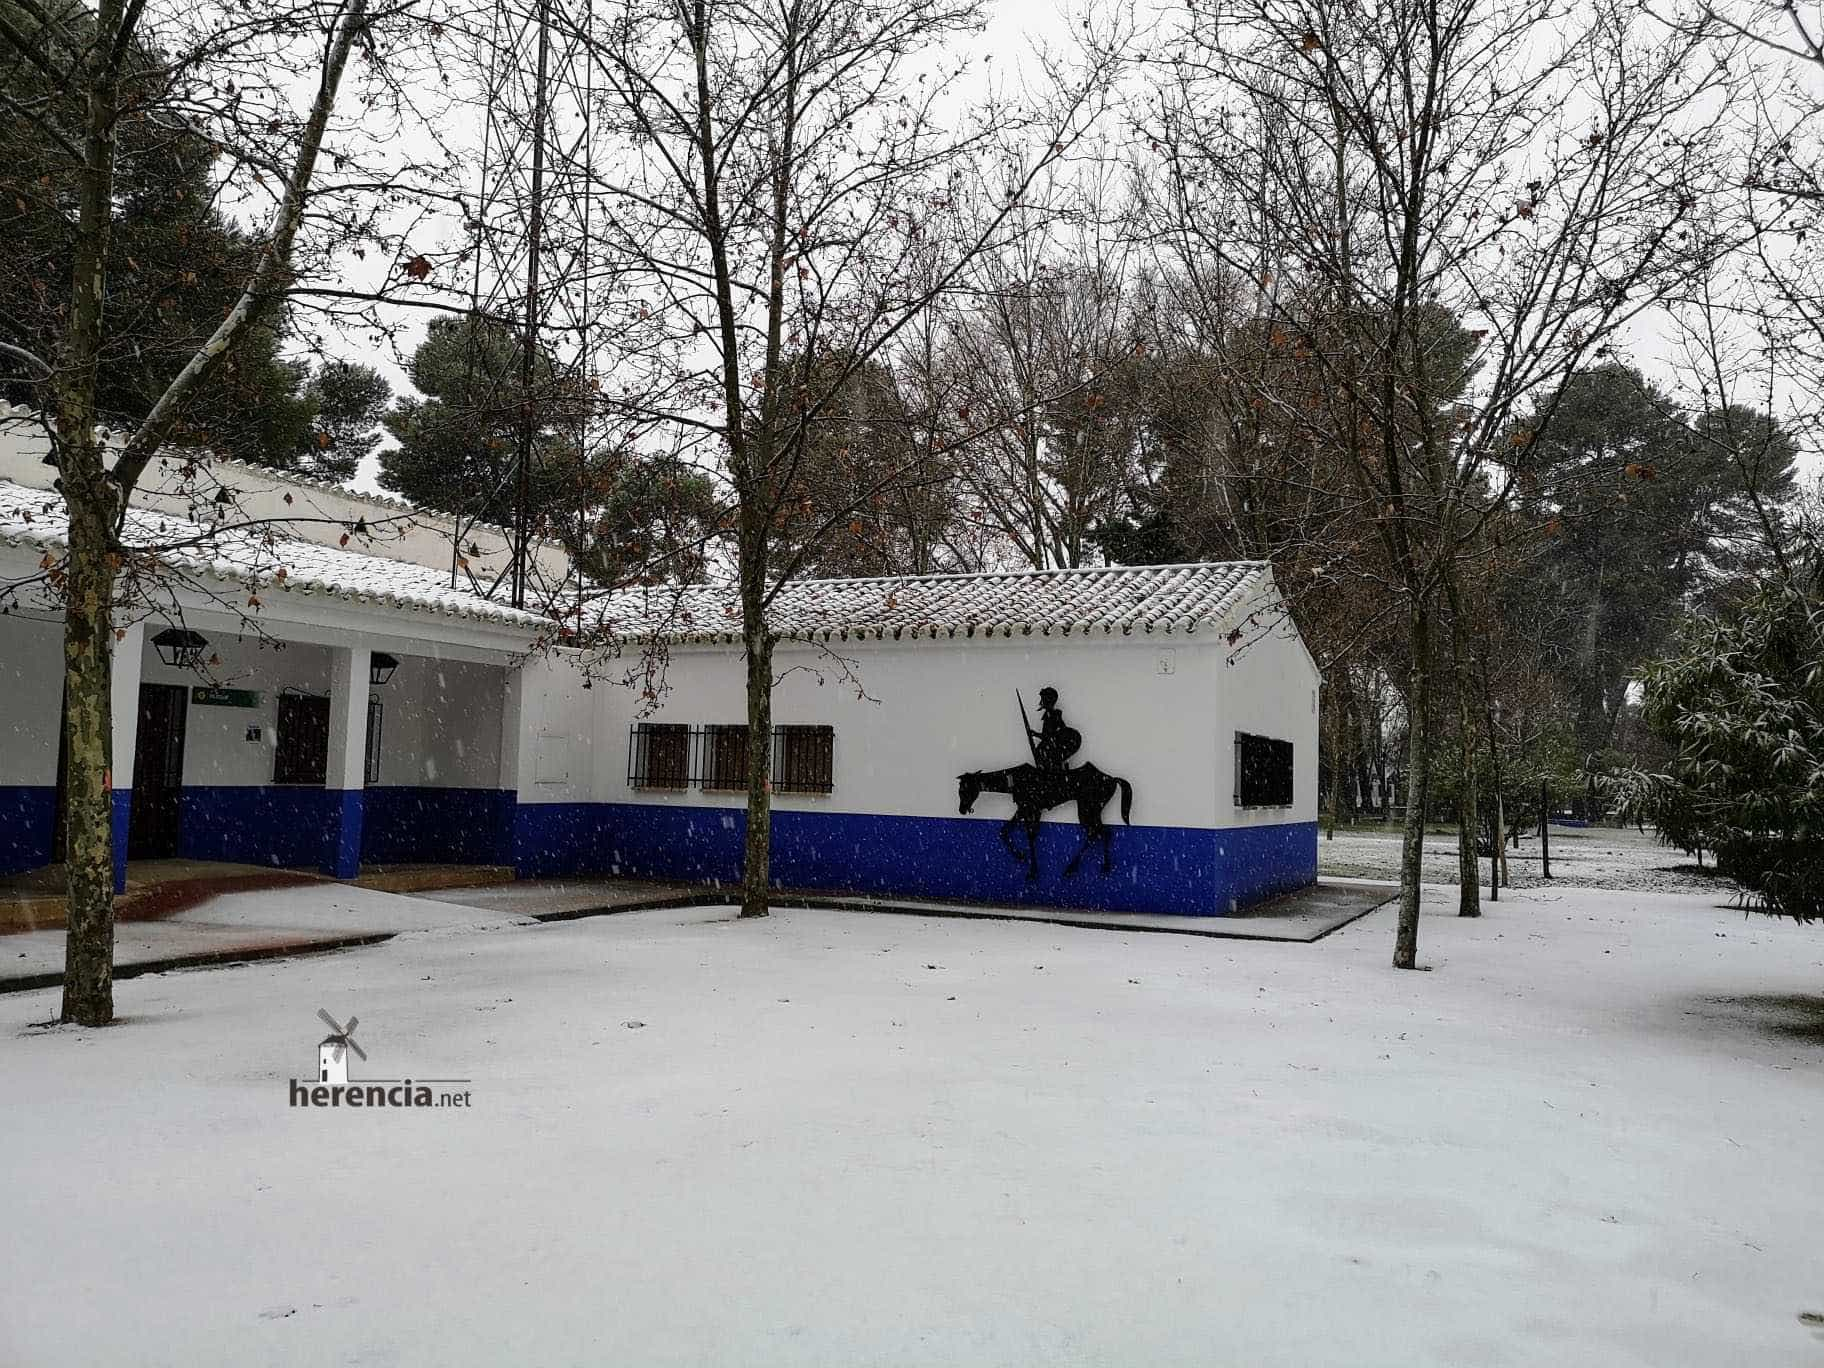 Las nevadas llegan Herencia y a toda Castilla-La Mancha (actualizado) 115